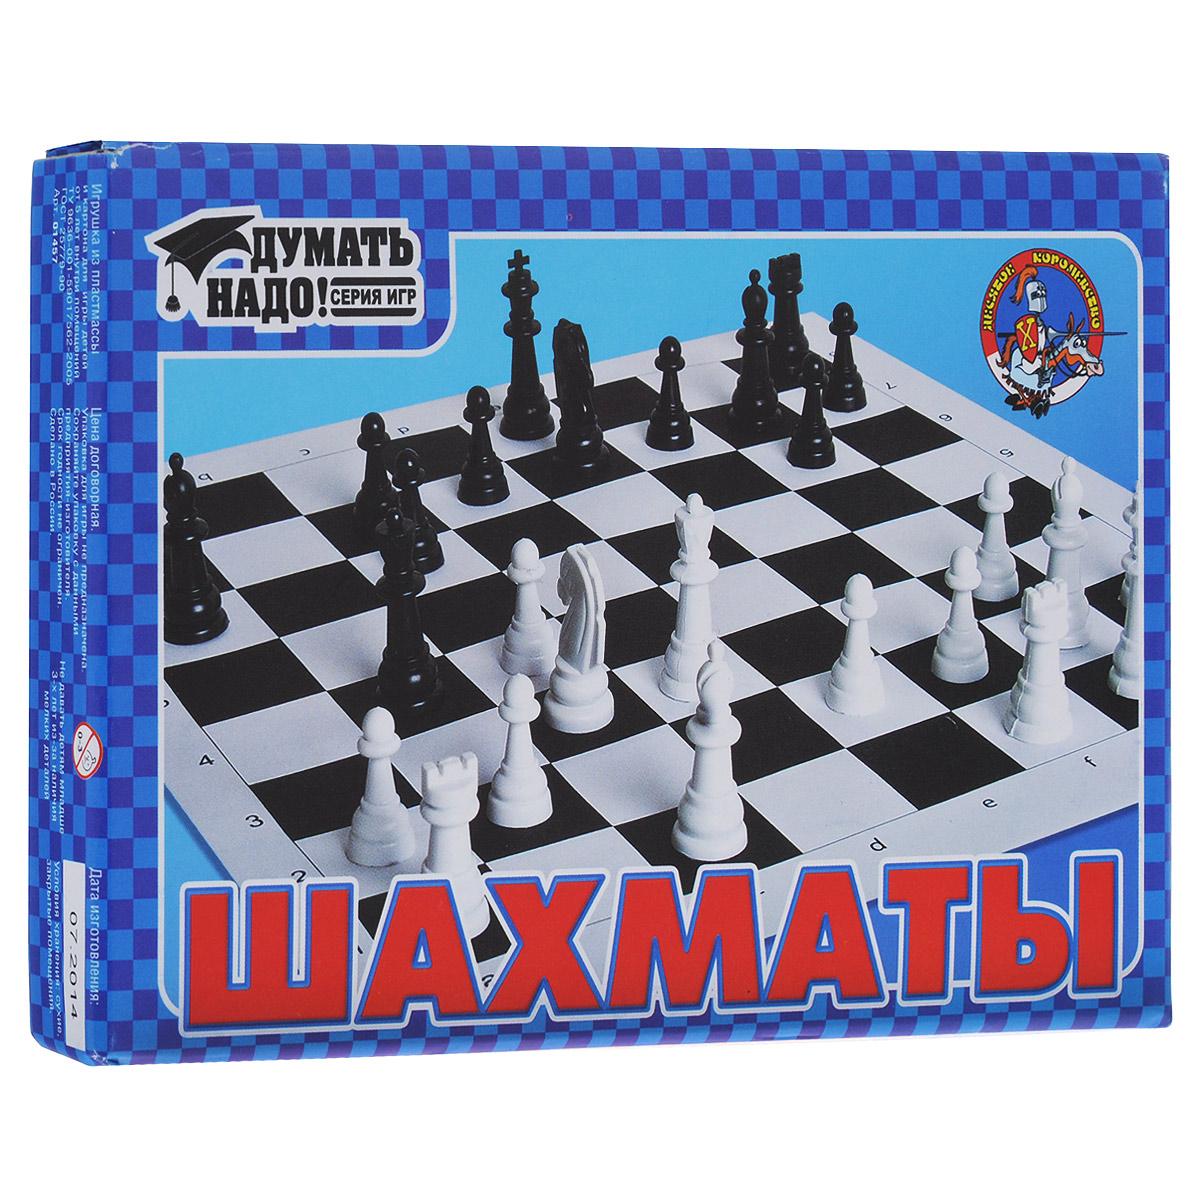 Шахматы Десятое королевство01457Шахматы Десятое королевство позволят вам с пользой провести досуг. В набор входят картонная коробка для хранения элементов игры, раскладывающаяся в игровое поле, и 32 небольшие шахматные фигурки черного и белого цветов. Коробка с набором не занимает много места и легко уместится в любой дорожной сумке. Шахматы - настольная логическая игра со специальными фигурками на 64-клеточной доске для двух соперников, сочетающая в себе элементы искусства (в части шахматной композиции), науки и спорта.